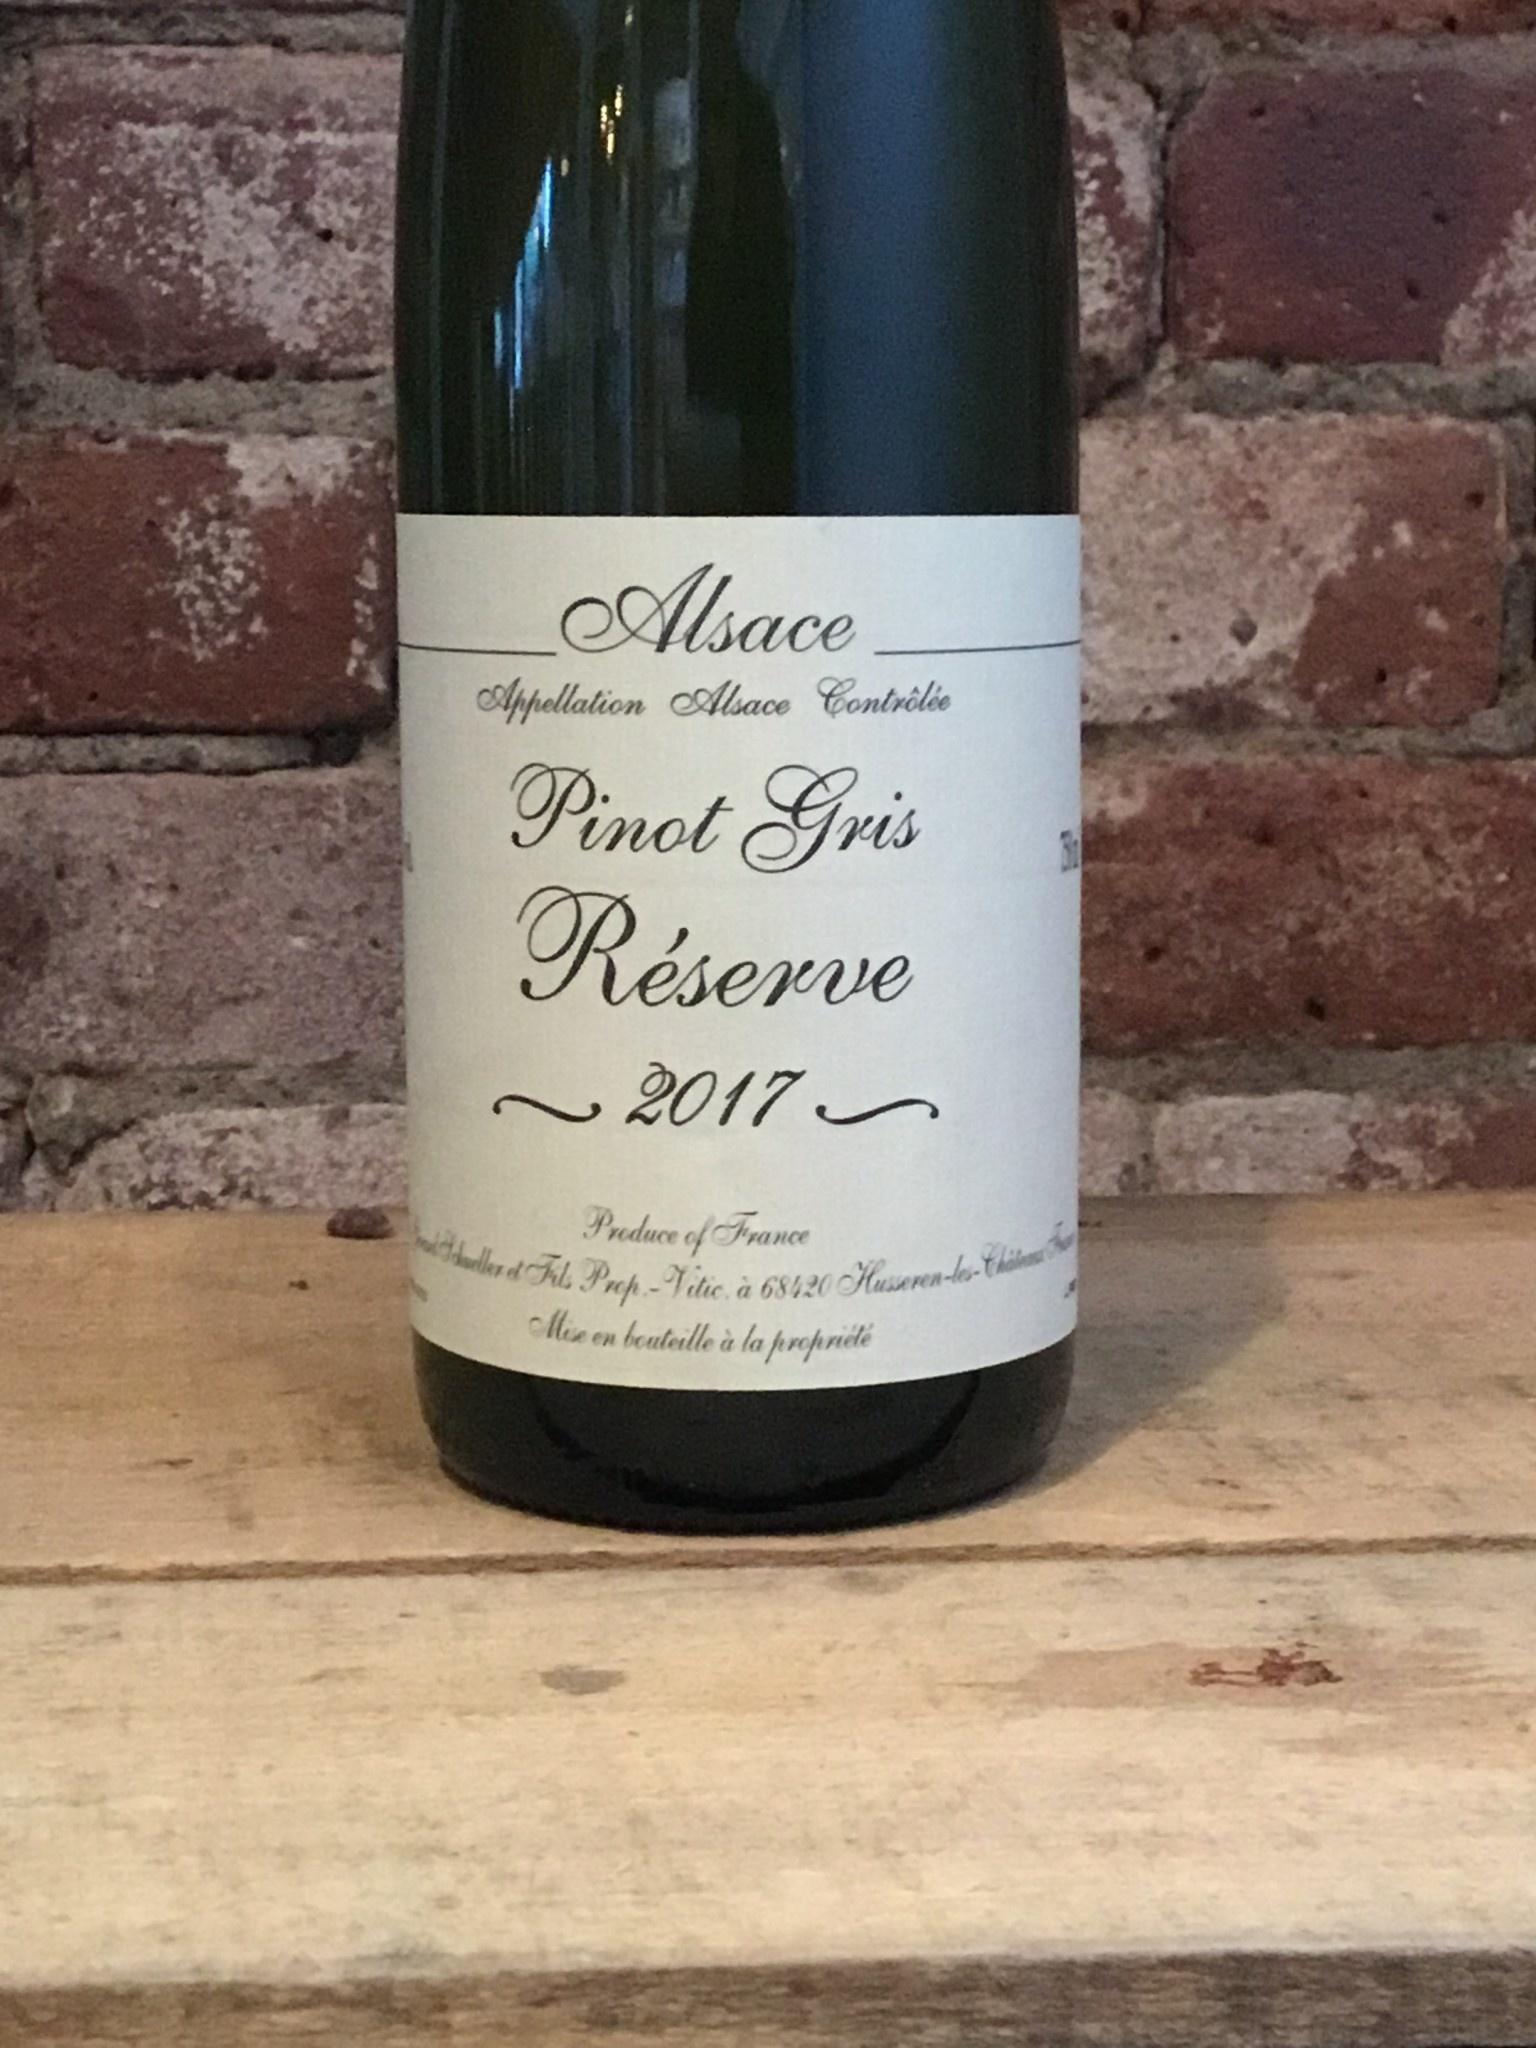 2017 Domaine Bruno Schueller Alsace Pinot Gris Reserve,750ml